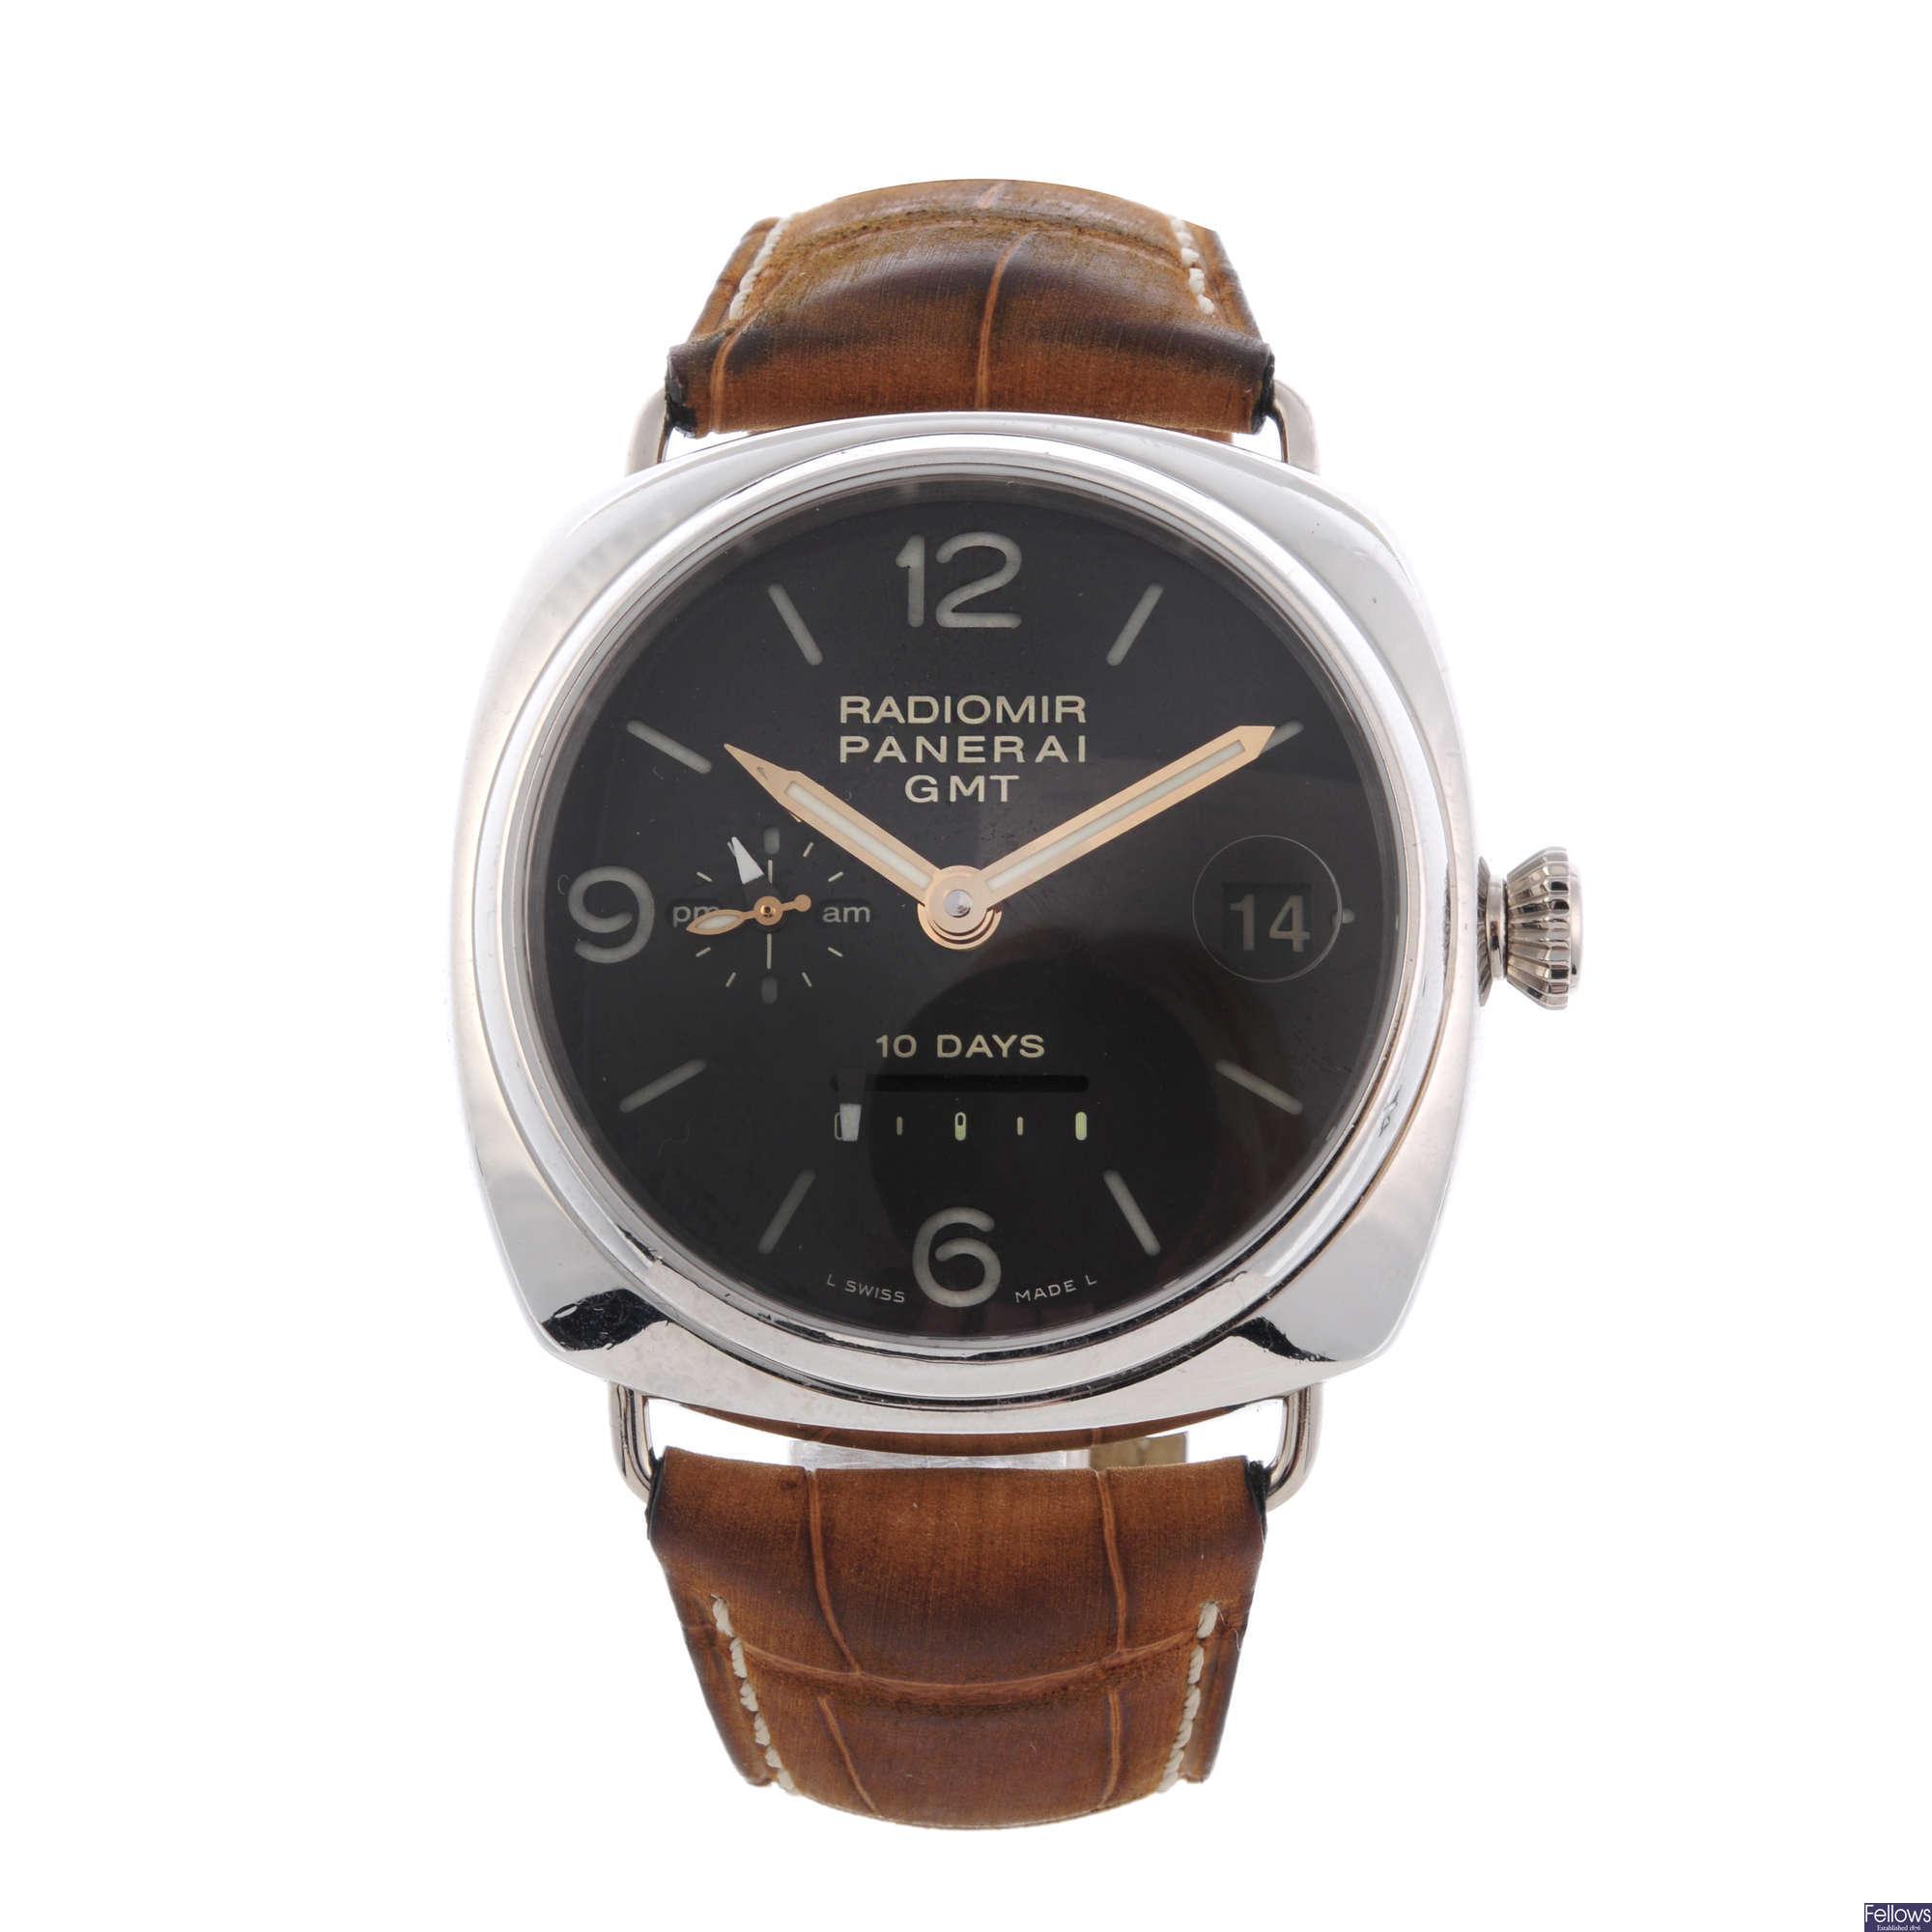 Radiomir Panerai platinum Radiomir 10 Days GMT wrist watch